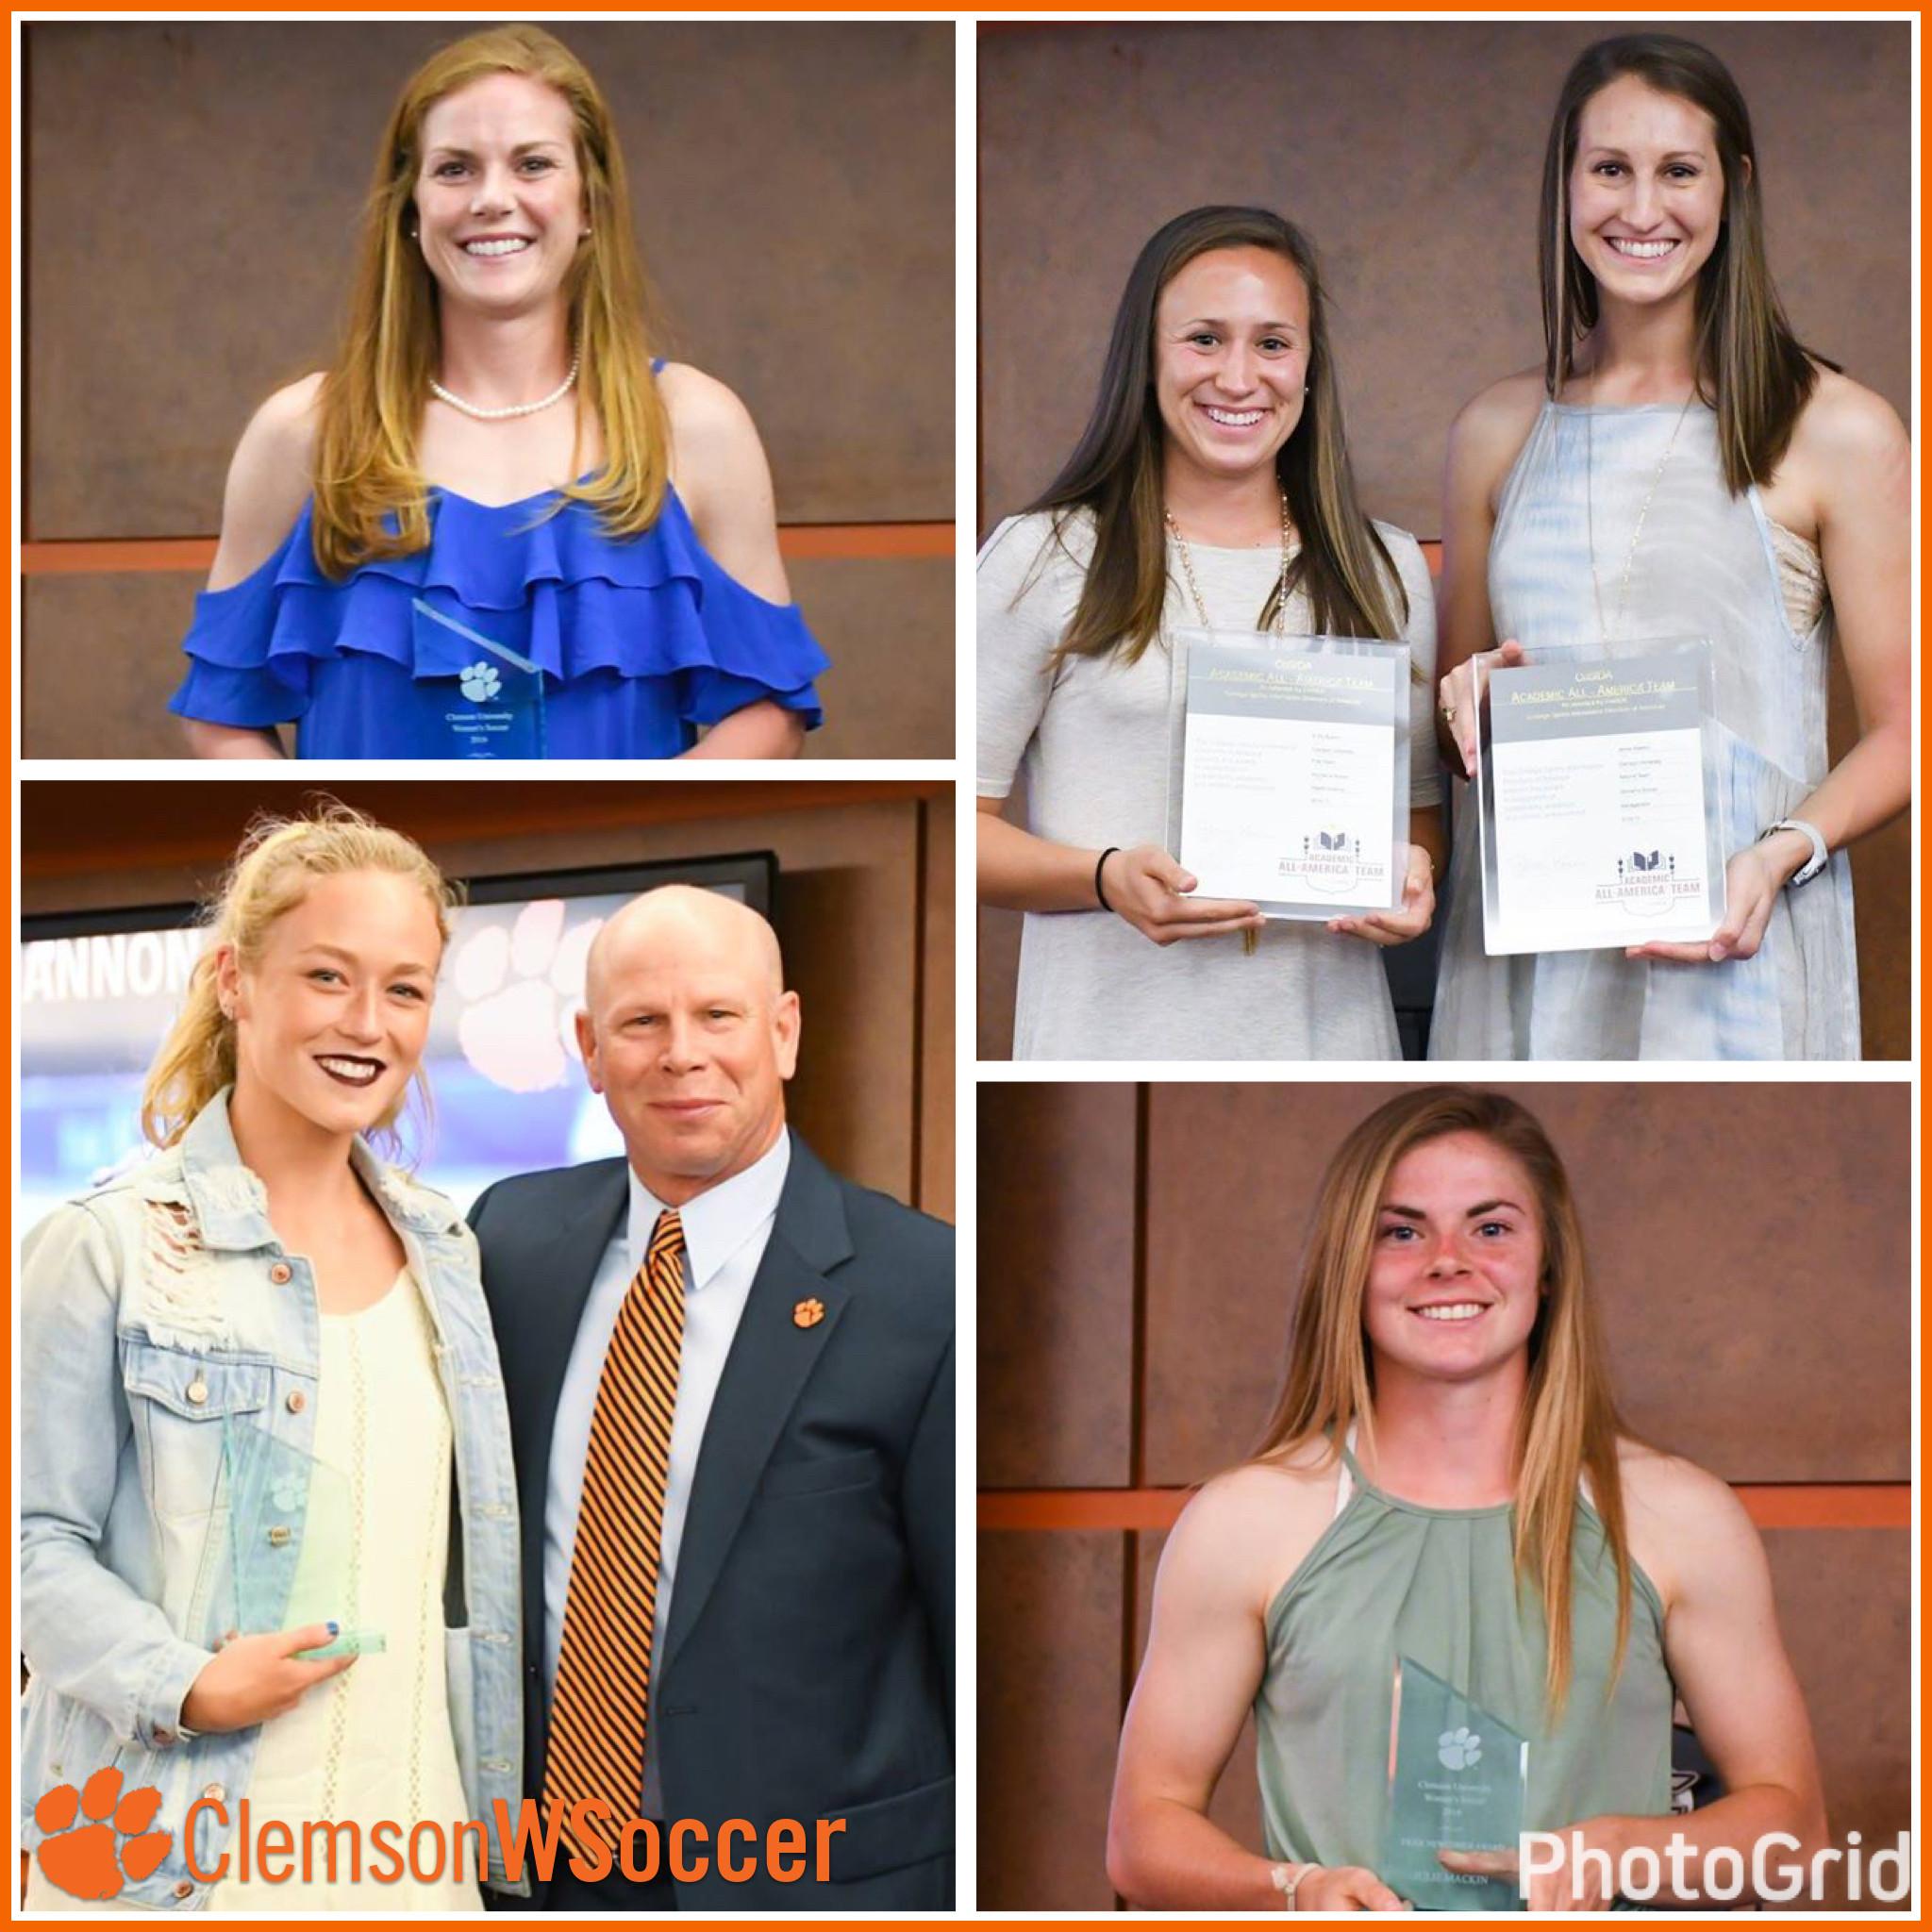 Clemson Women's Soccer Program Celebrates 2016 Season, Honors Award Winners